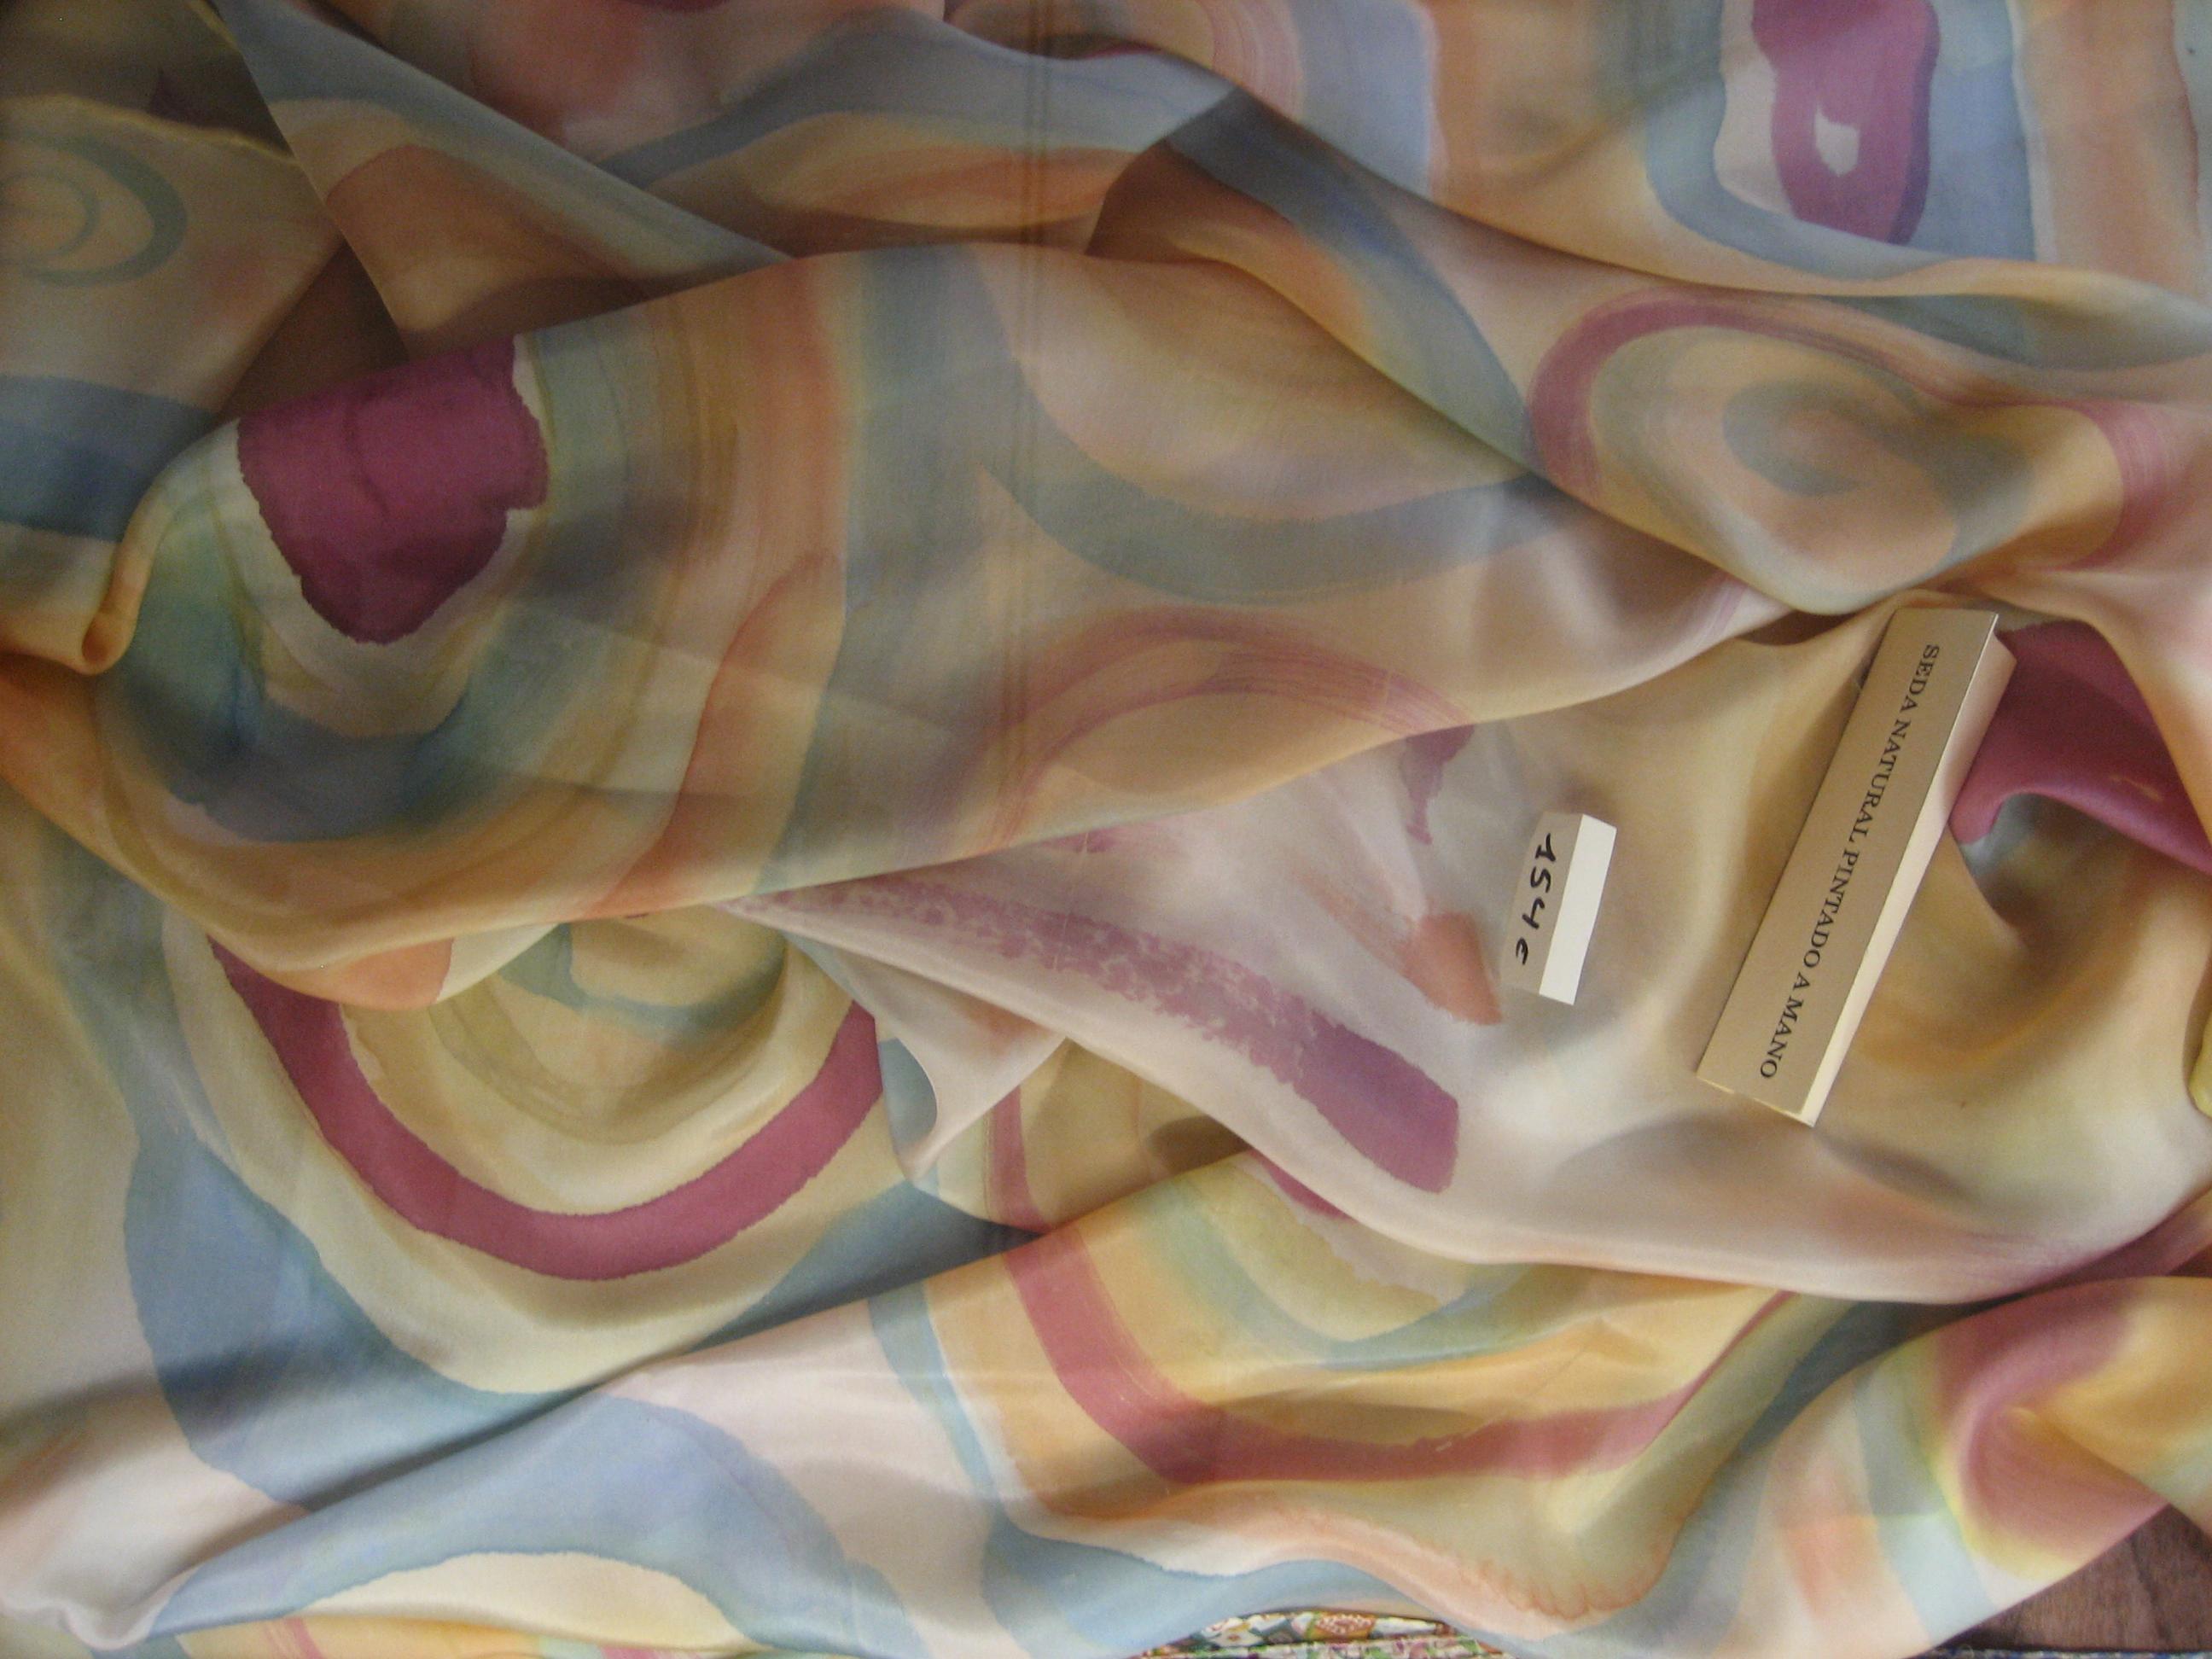 """Pareo """"Roleos amarillo pálido"""", habotai, 180 x 90 cm, pintura de seda, tintes naturales: cúrcuma, café y vino tinto."""